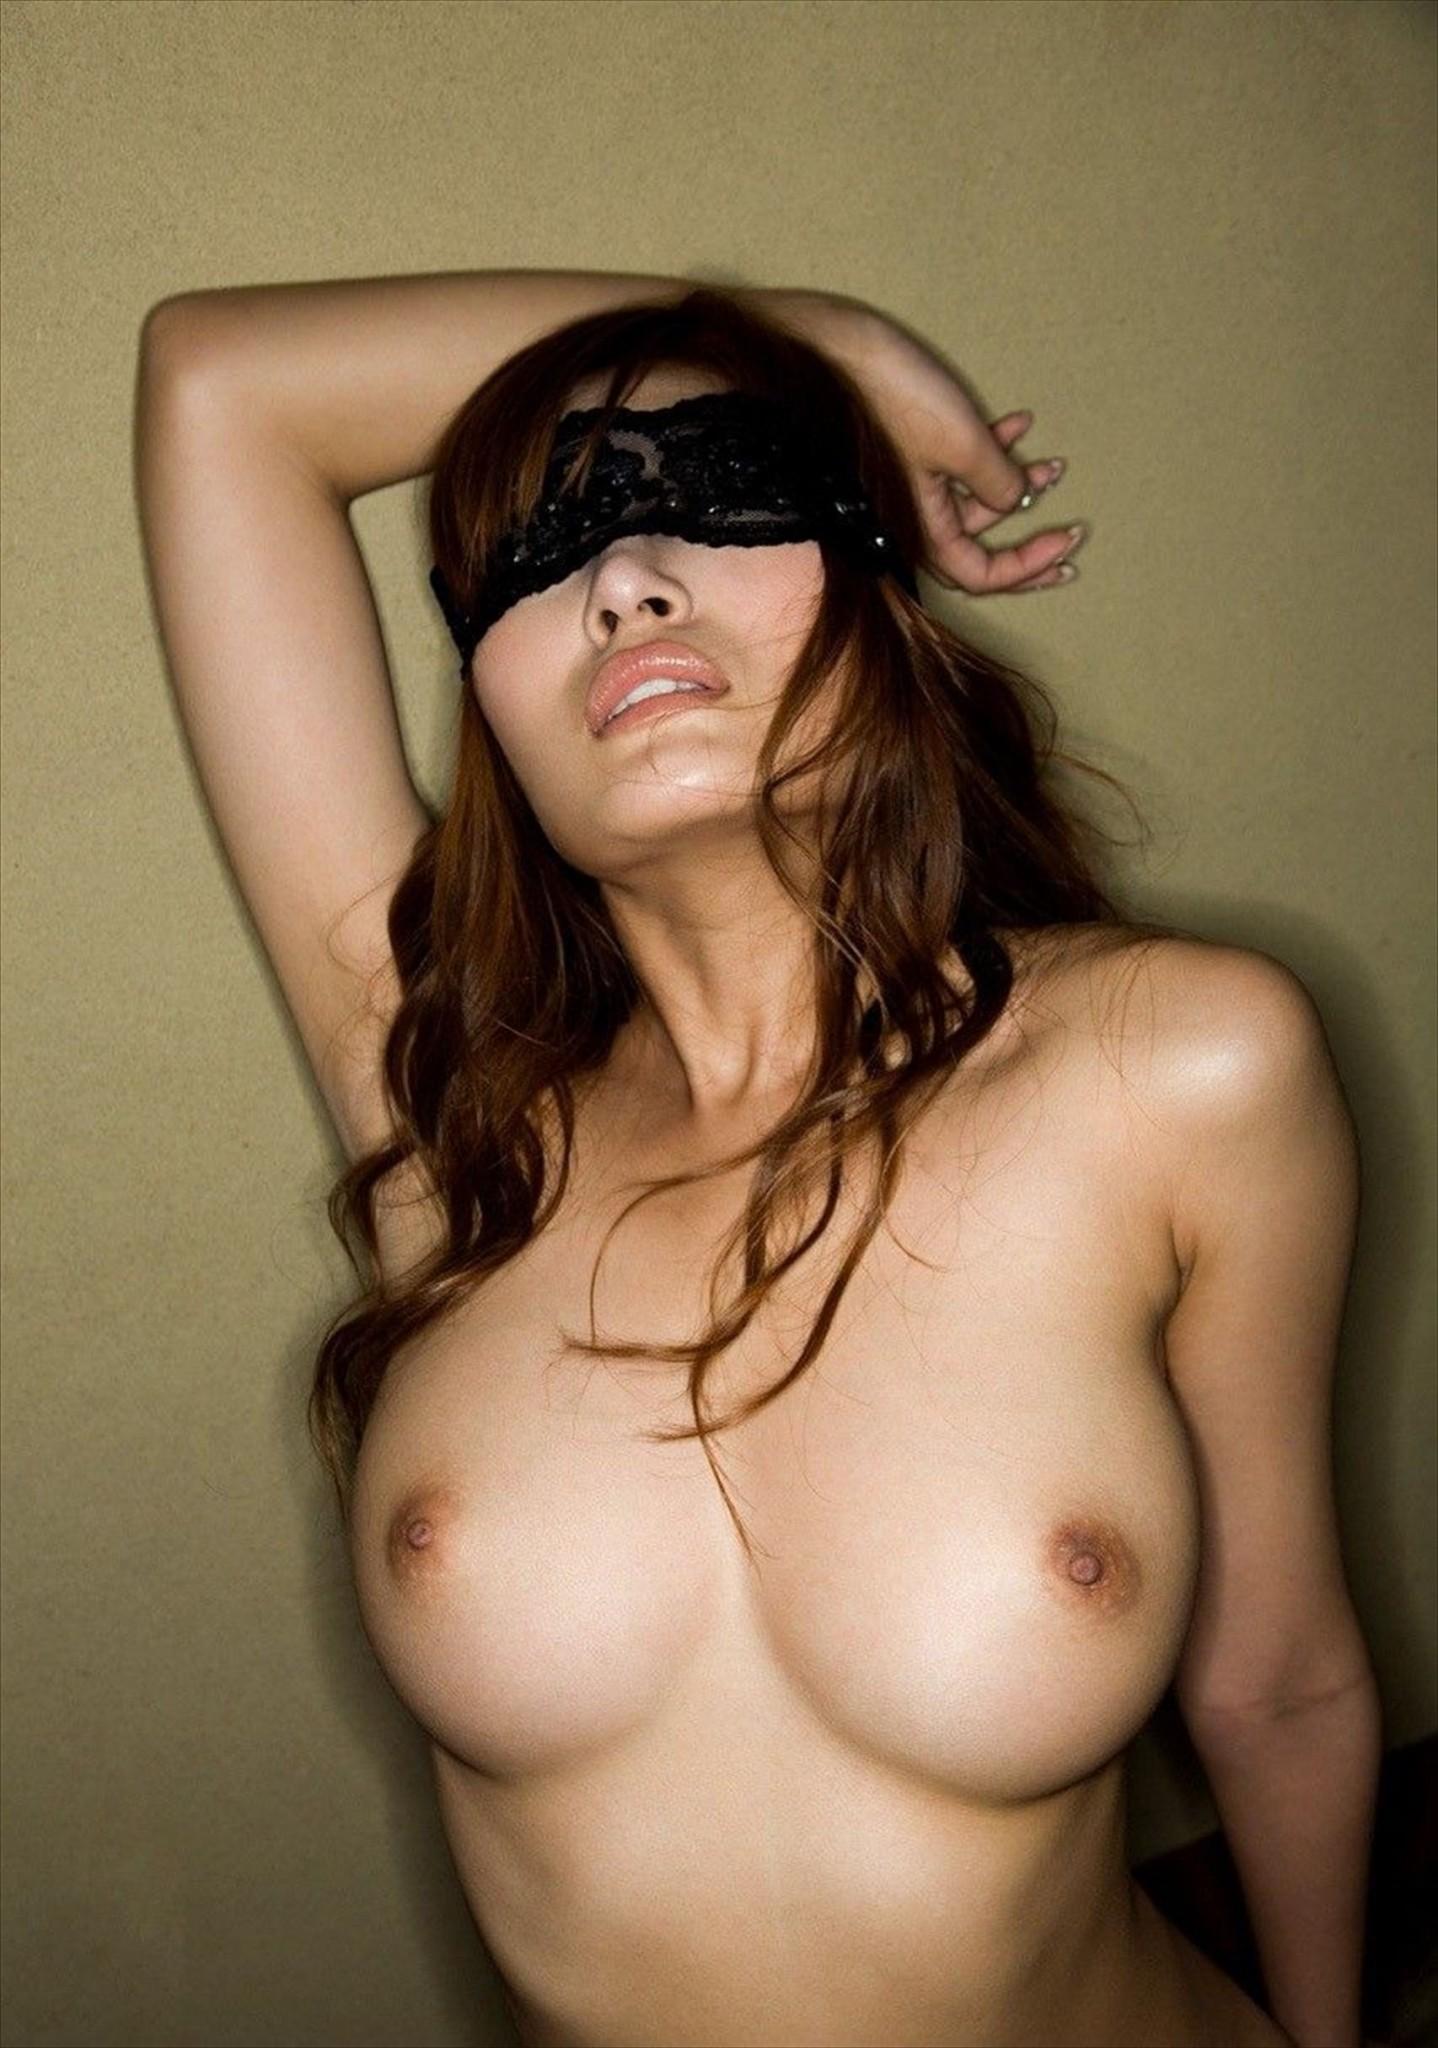 【開眼】たったこれだけで!?彼女の感度が倍増するおすすめ超絶アイテムwww